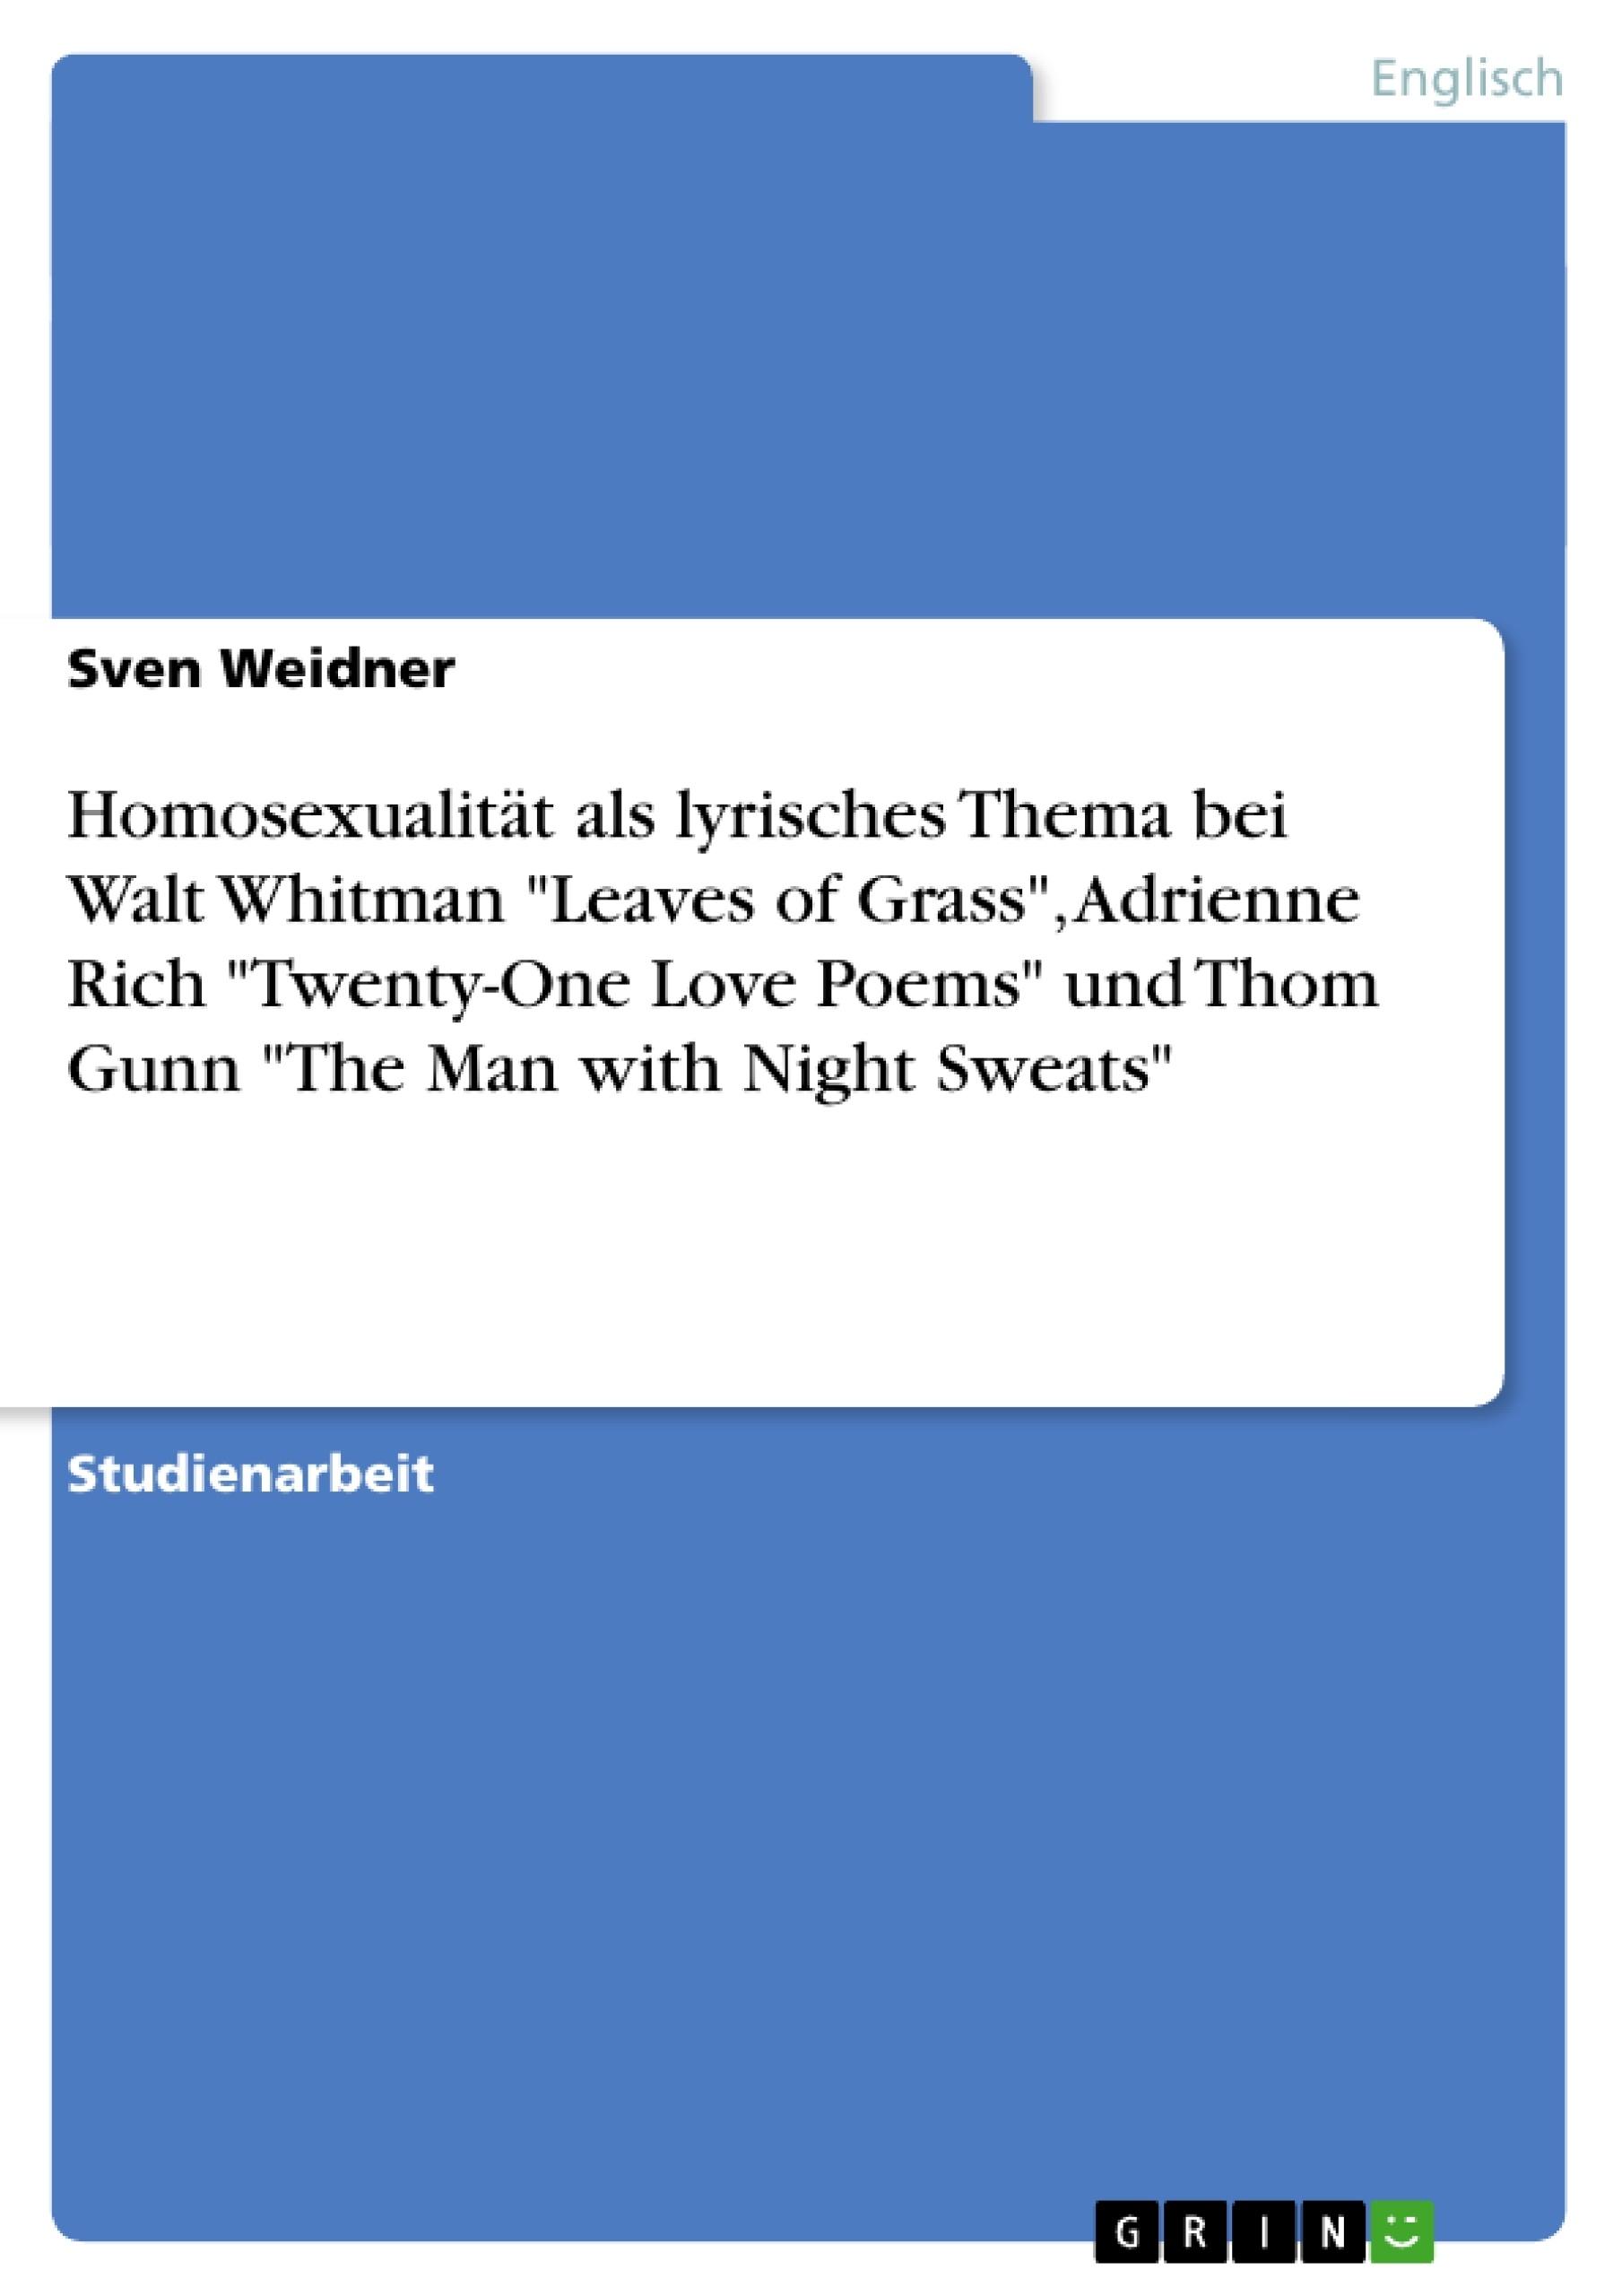 """Titel: Homosexualität als lyrisches Thema bei Walt Whitman """"Leaves of Grass"""", Adrienne Rich """"Twenty-One Love Poems"""" und Thom Gunn """"The Man with Night Sweats"""""""